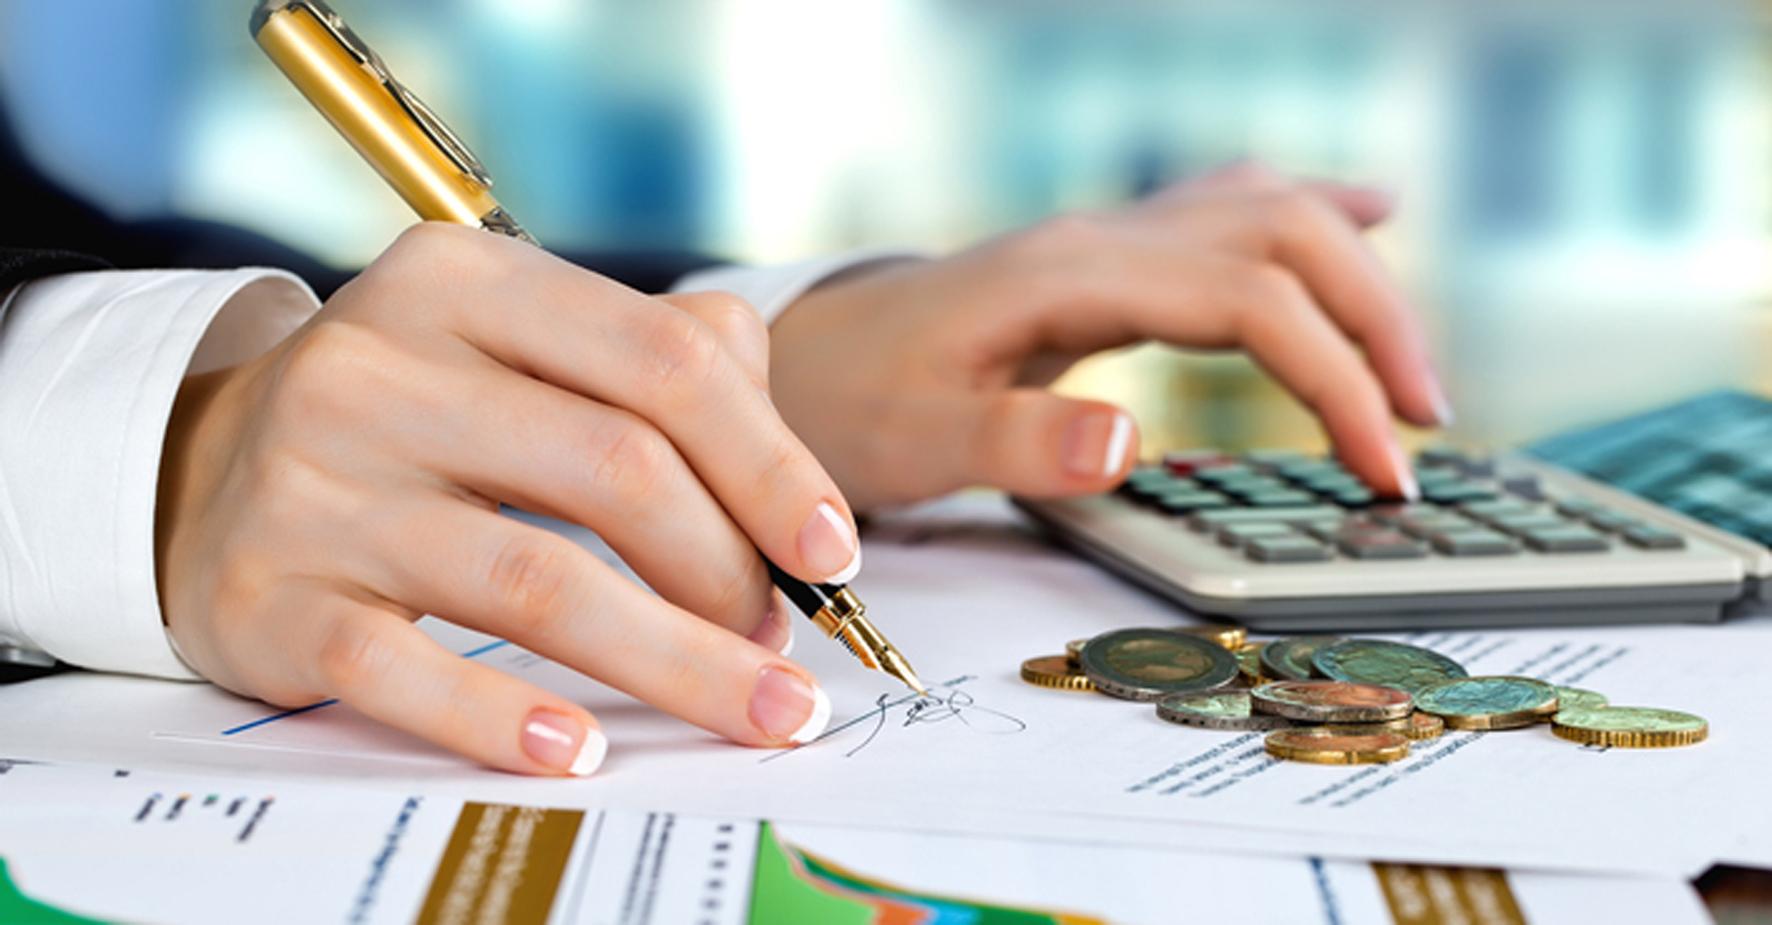 Законодательные поправки о повышении соцвыплат в Казахстане внесут на рассмотрение в марте